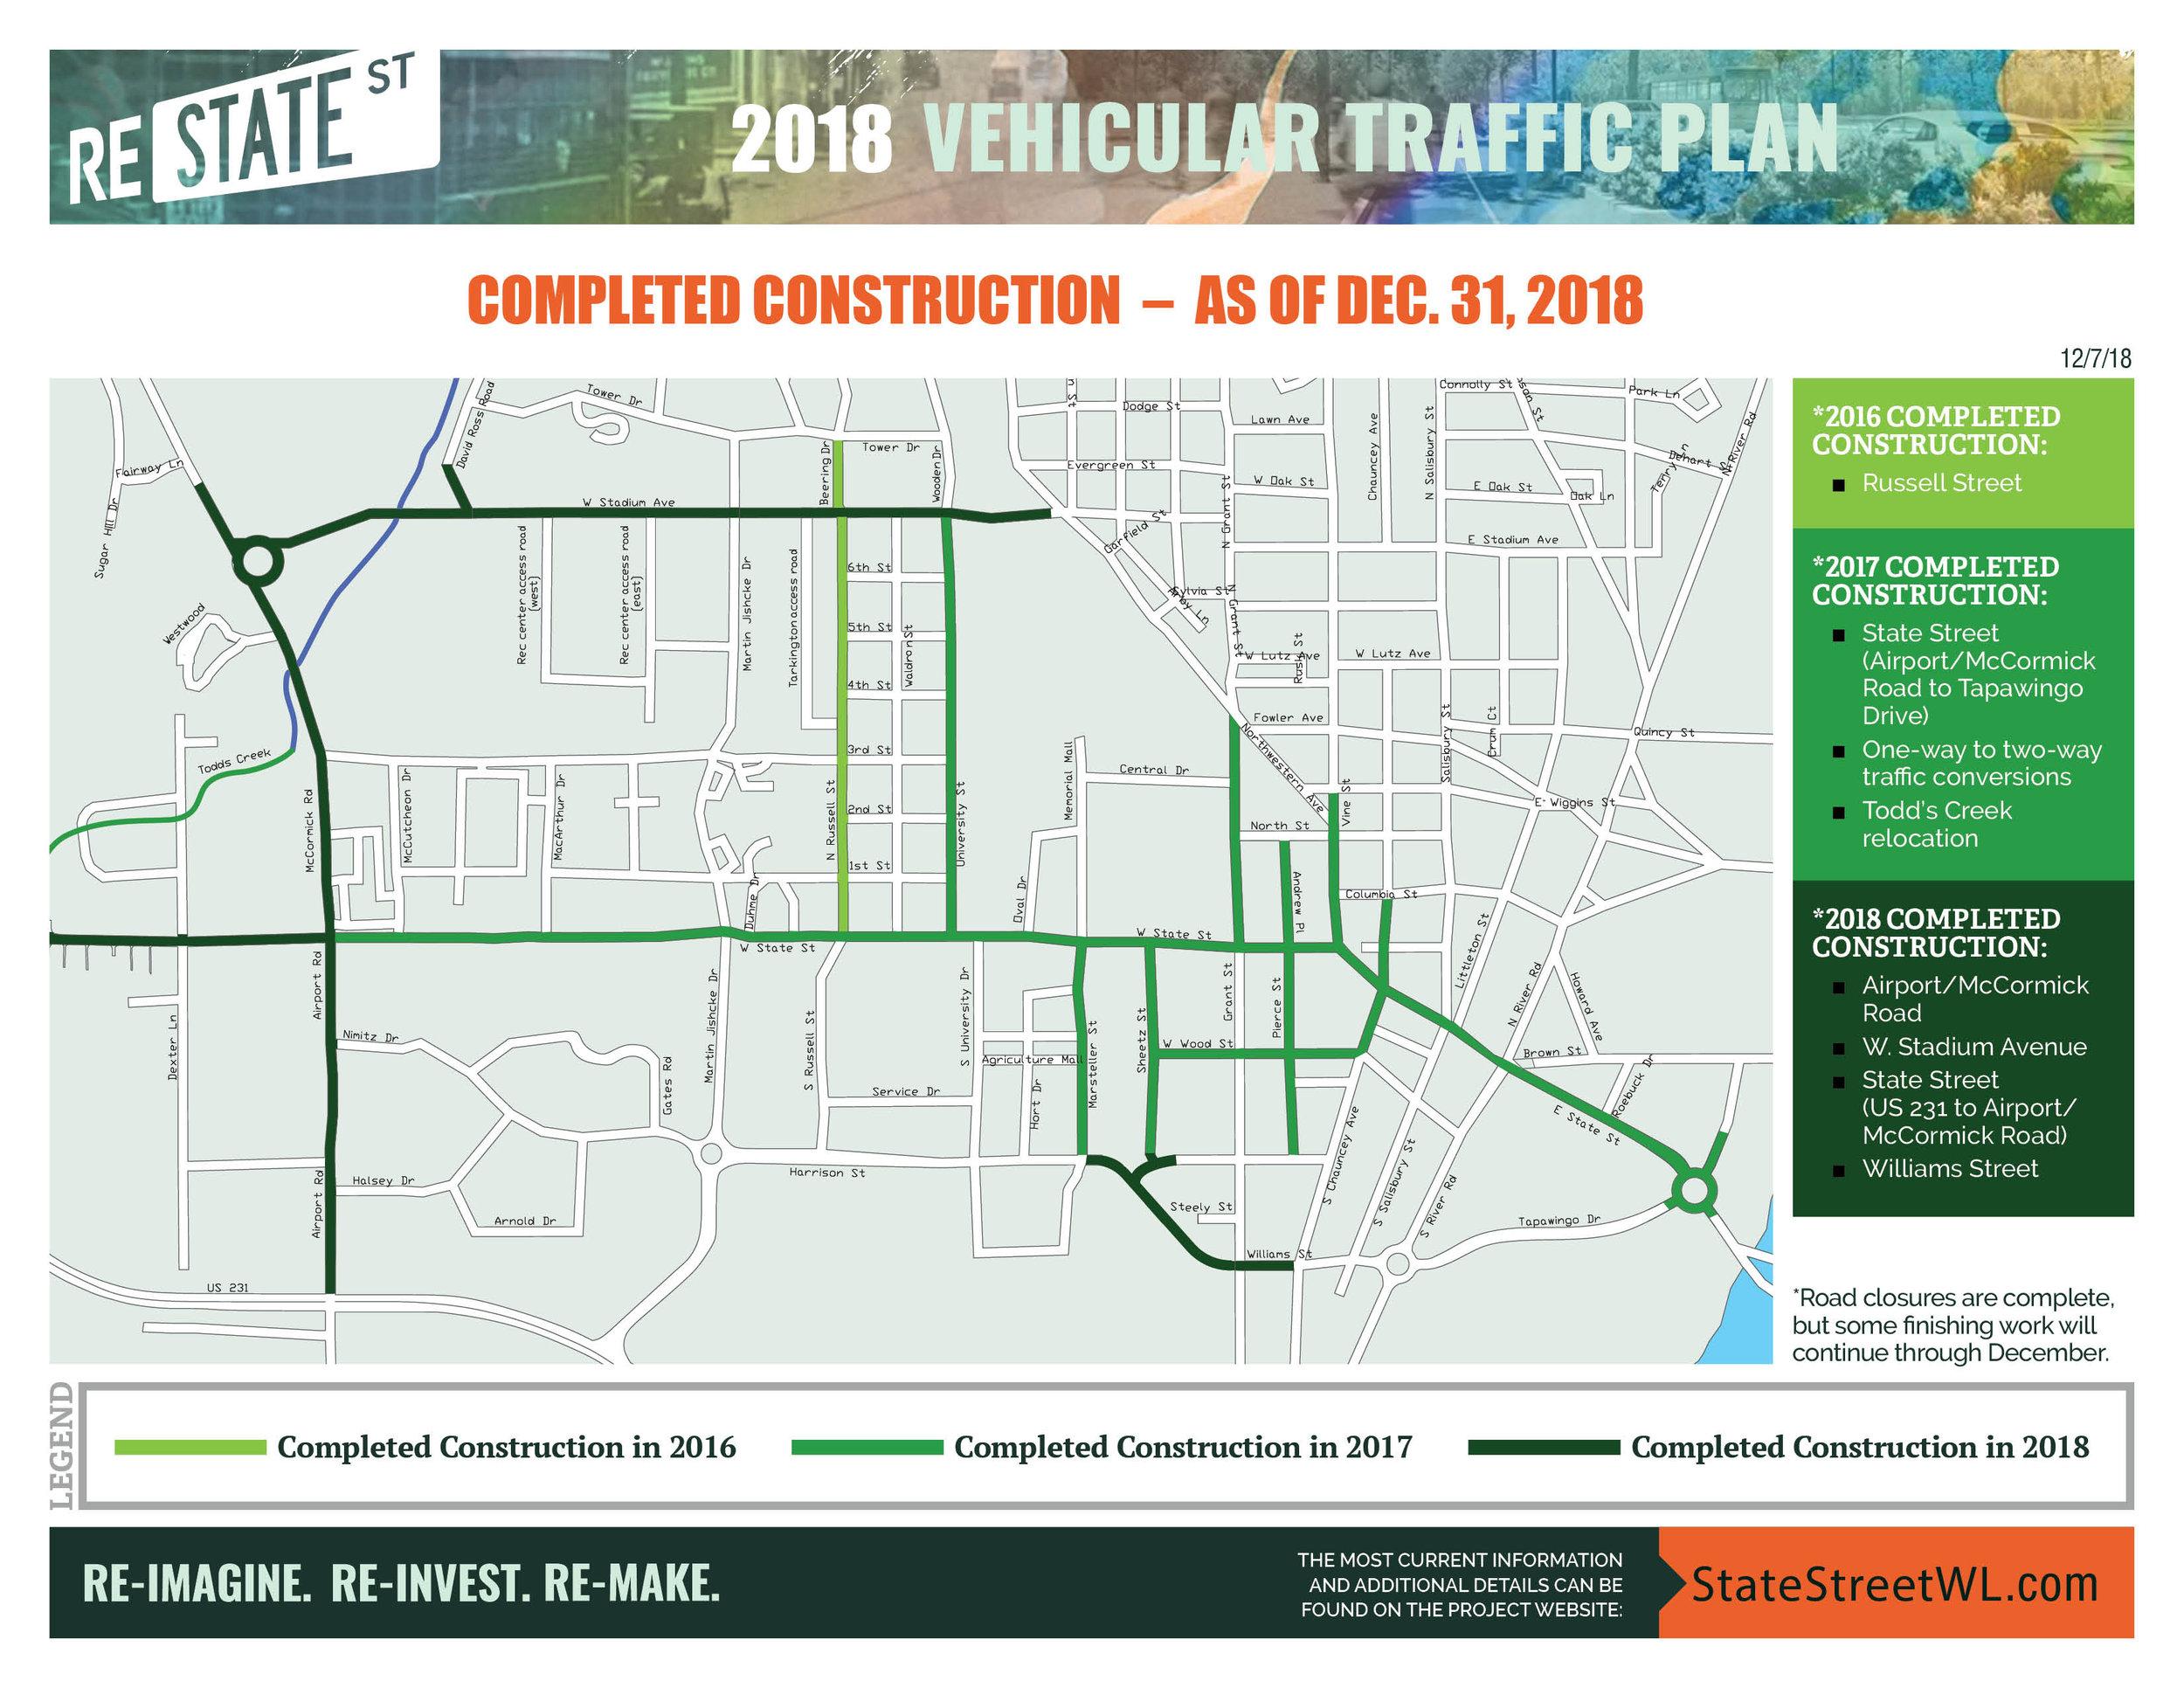 e 527-113_SSRP_Dec2018_Vehicular_Traffic_Update_FINAL.jpg